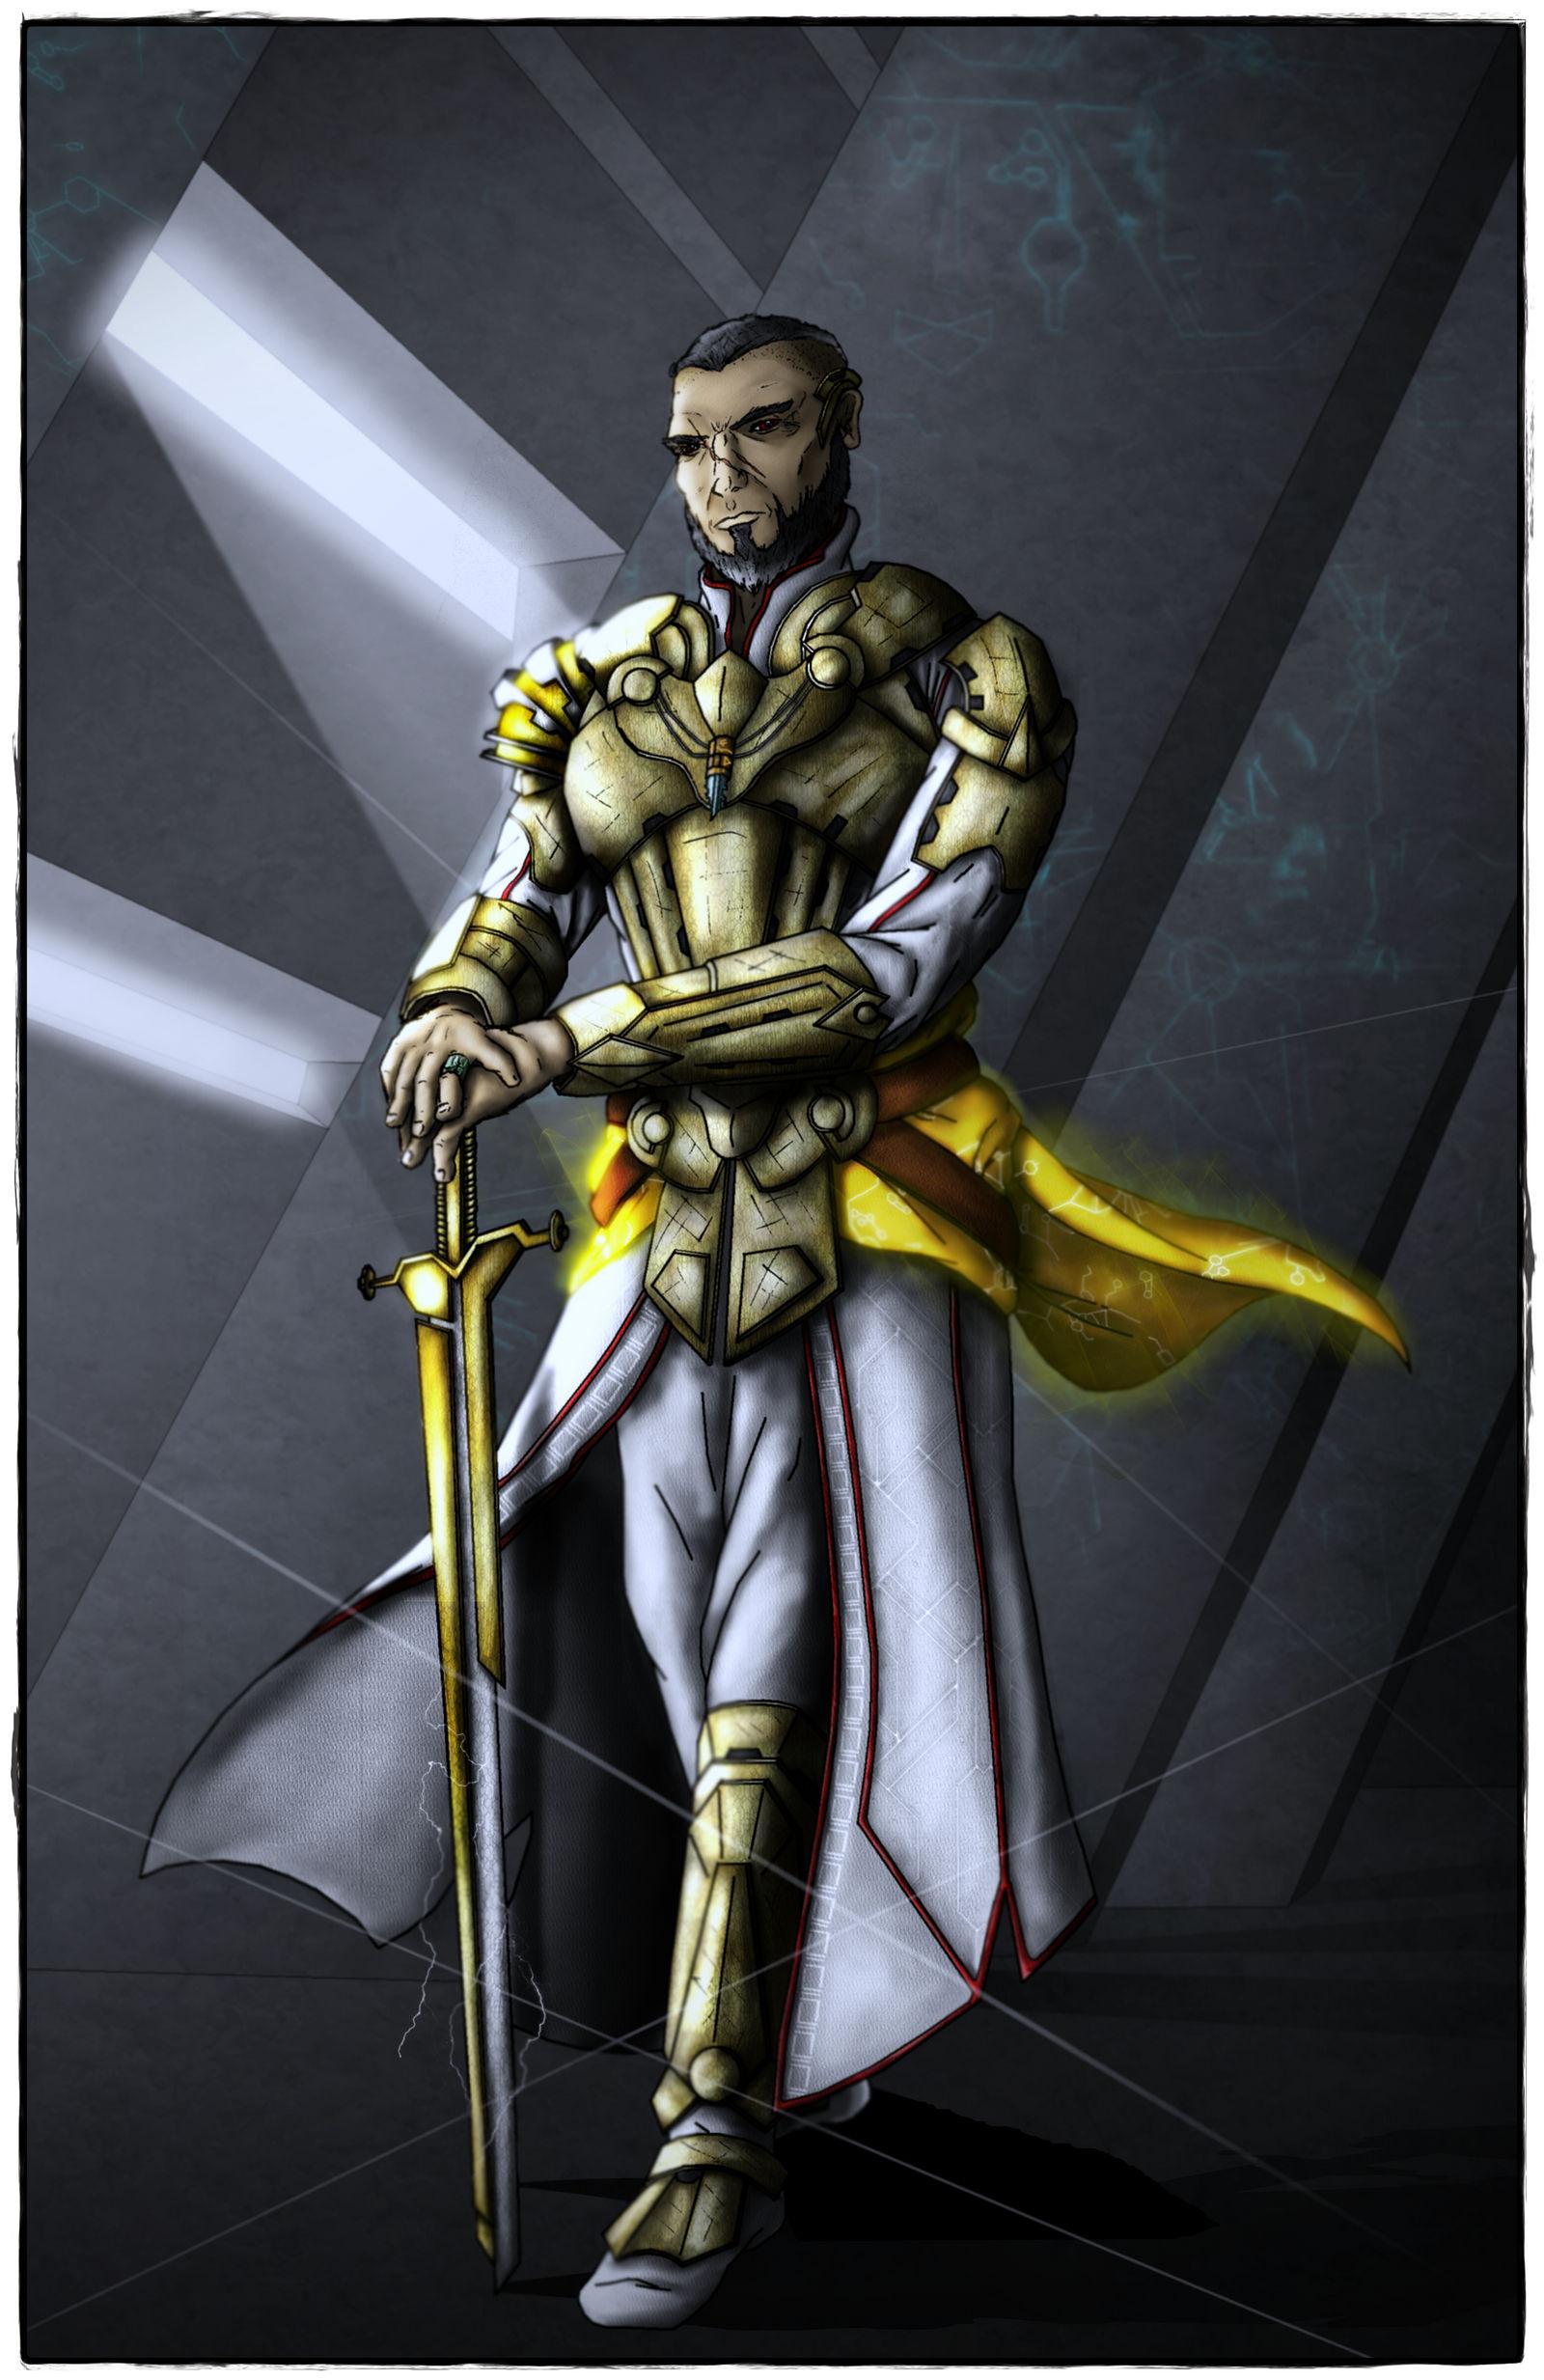 Isu Warrior By Darthdestruktor On Deviantart